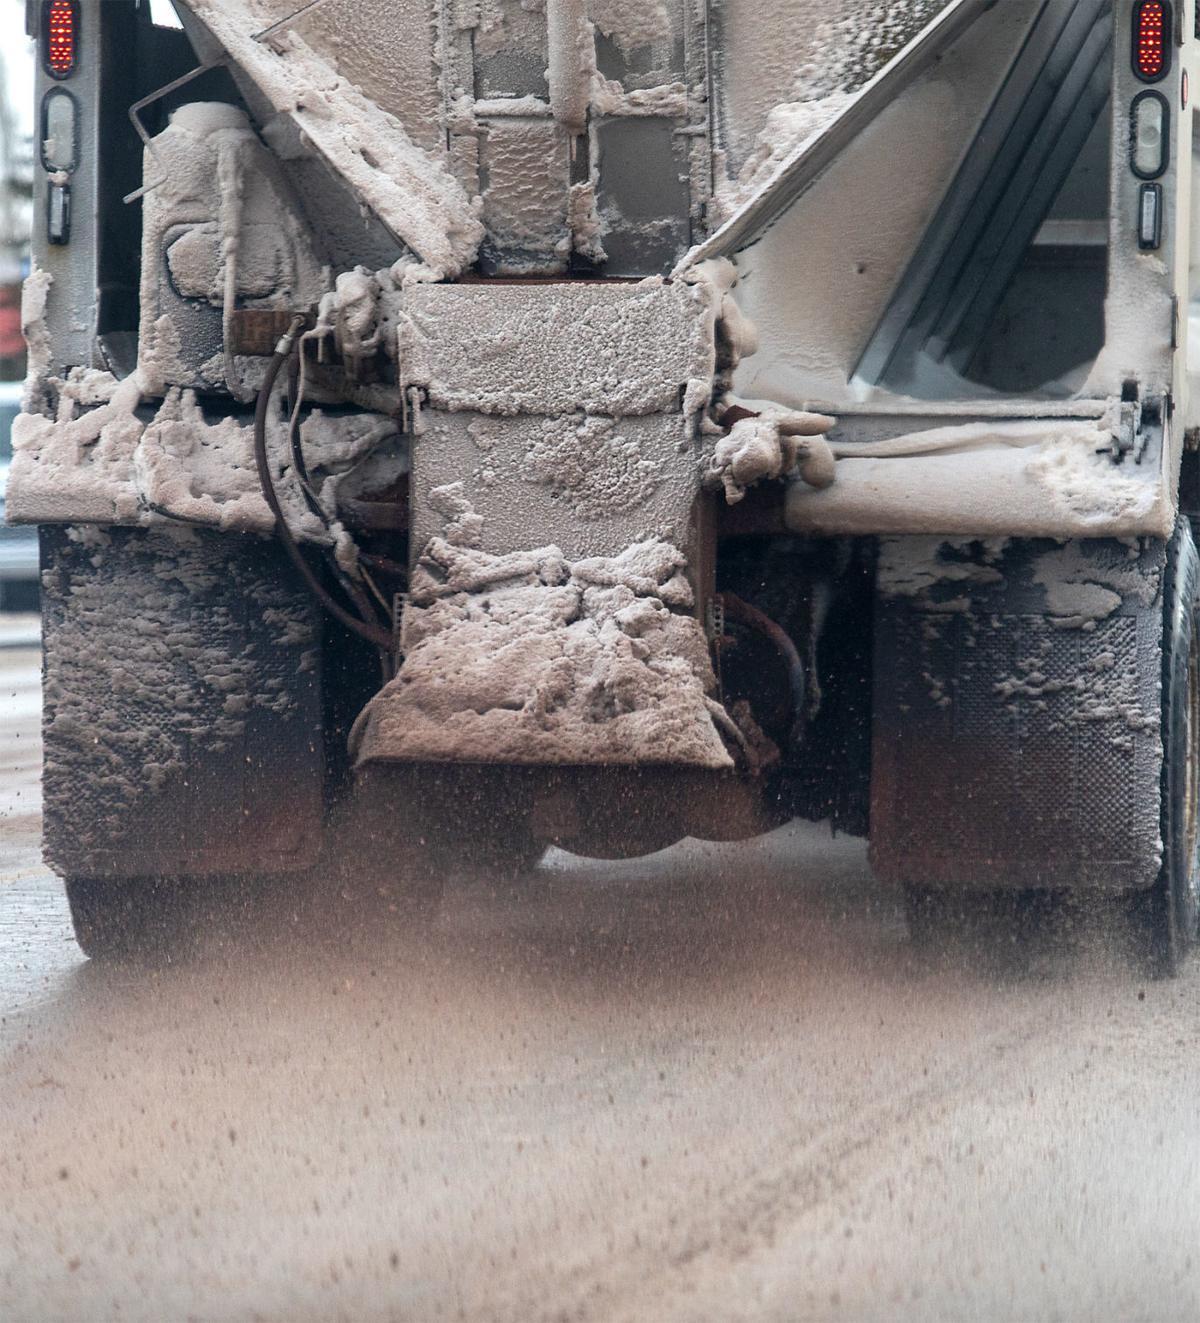 Stree plow